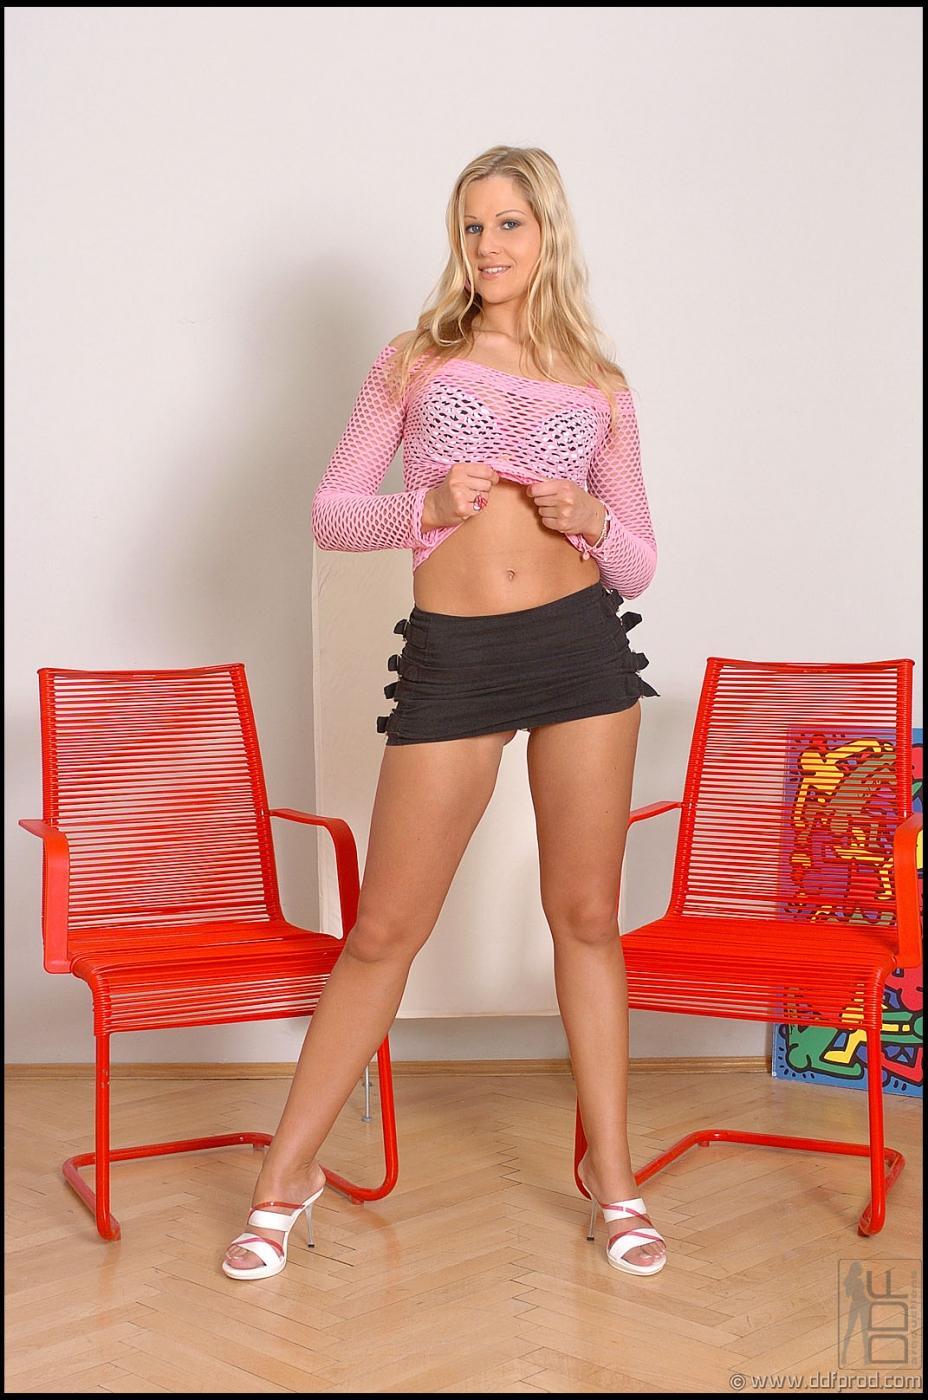 Вульгарная блондинка Sandra De Marco снимает свою сетчатую блузку и узкую юбку, а затем позирует обнаженной